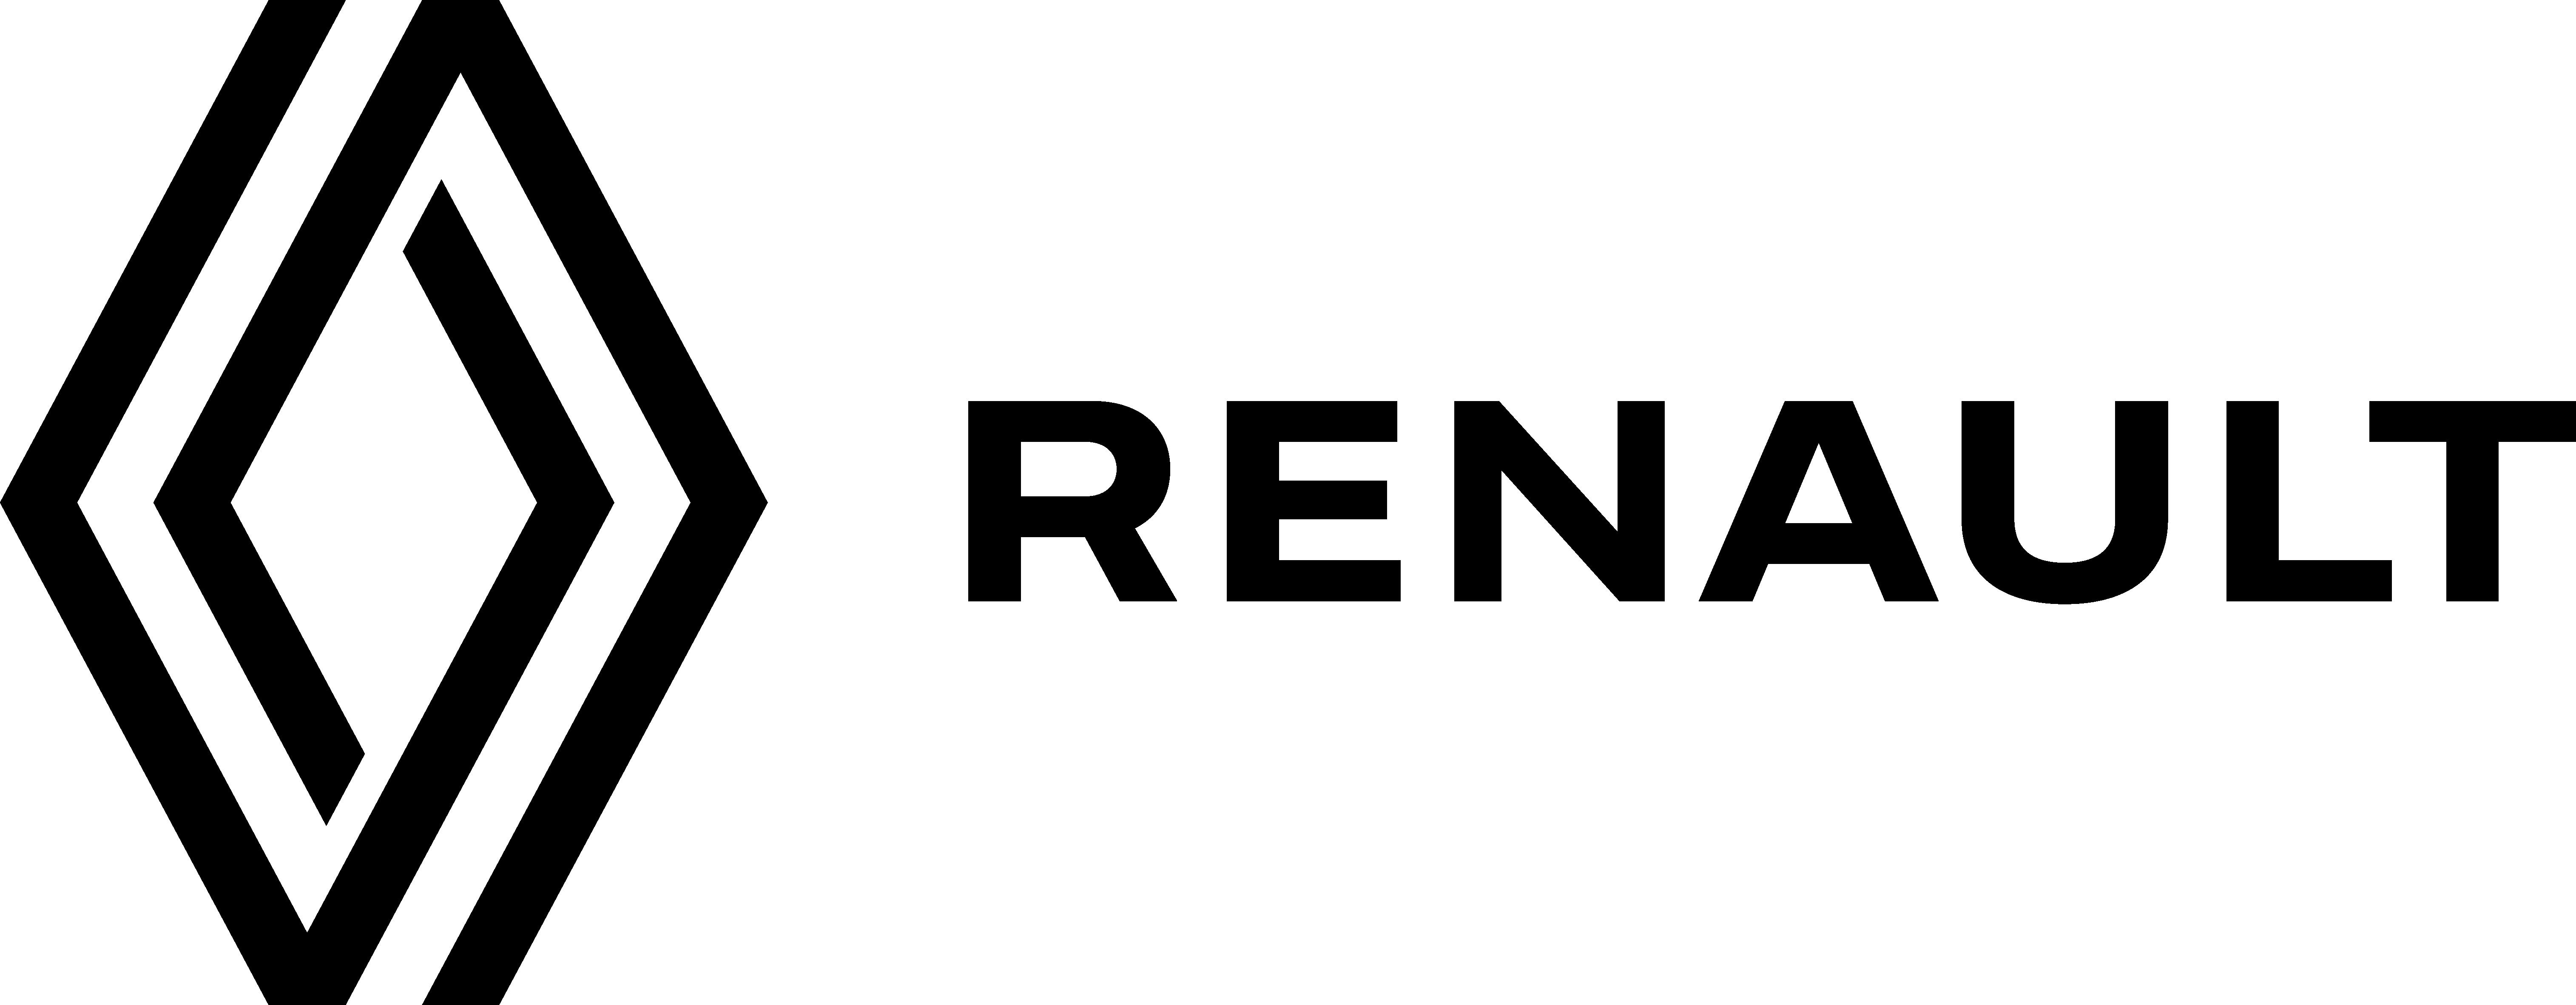 Logo da Renault com o nome da marca, por extenso, ao lado